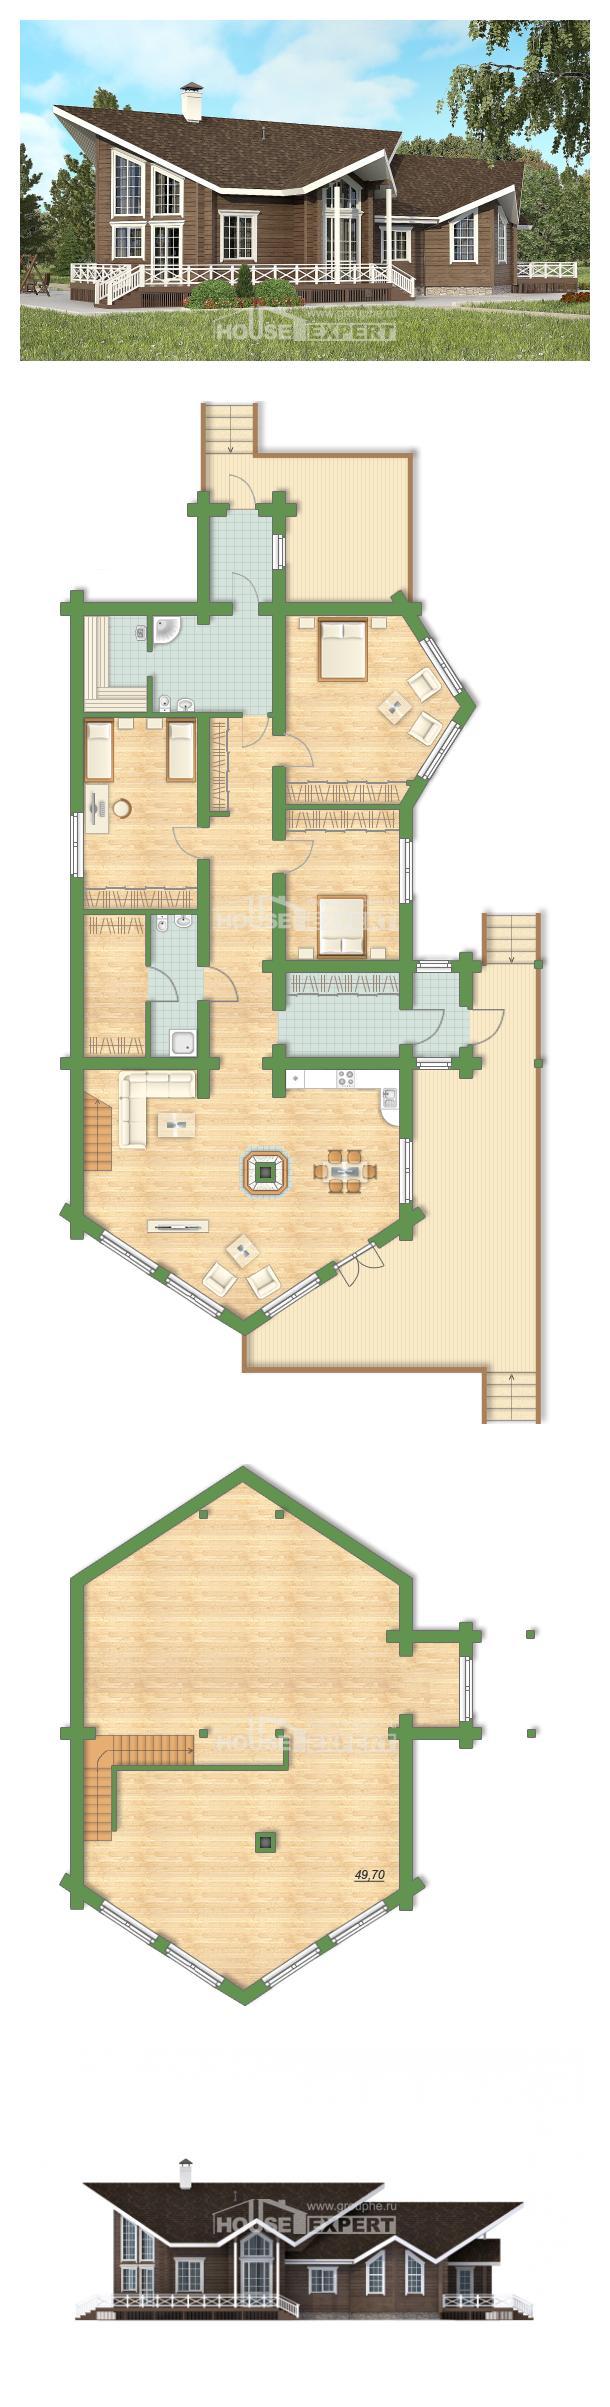 Plan 210-002-L   House Expert